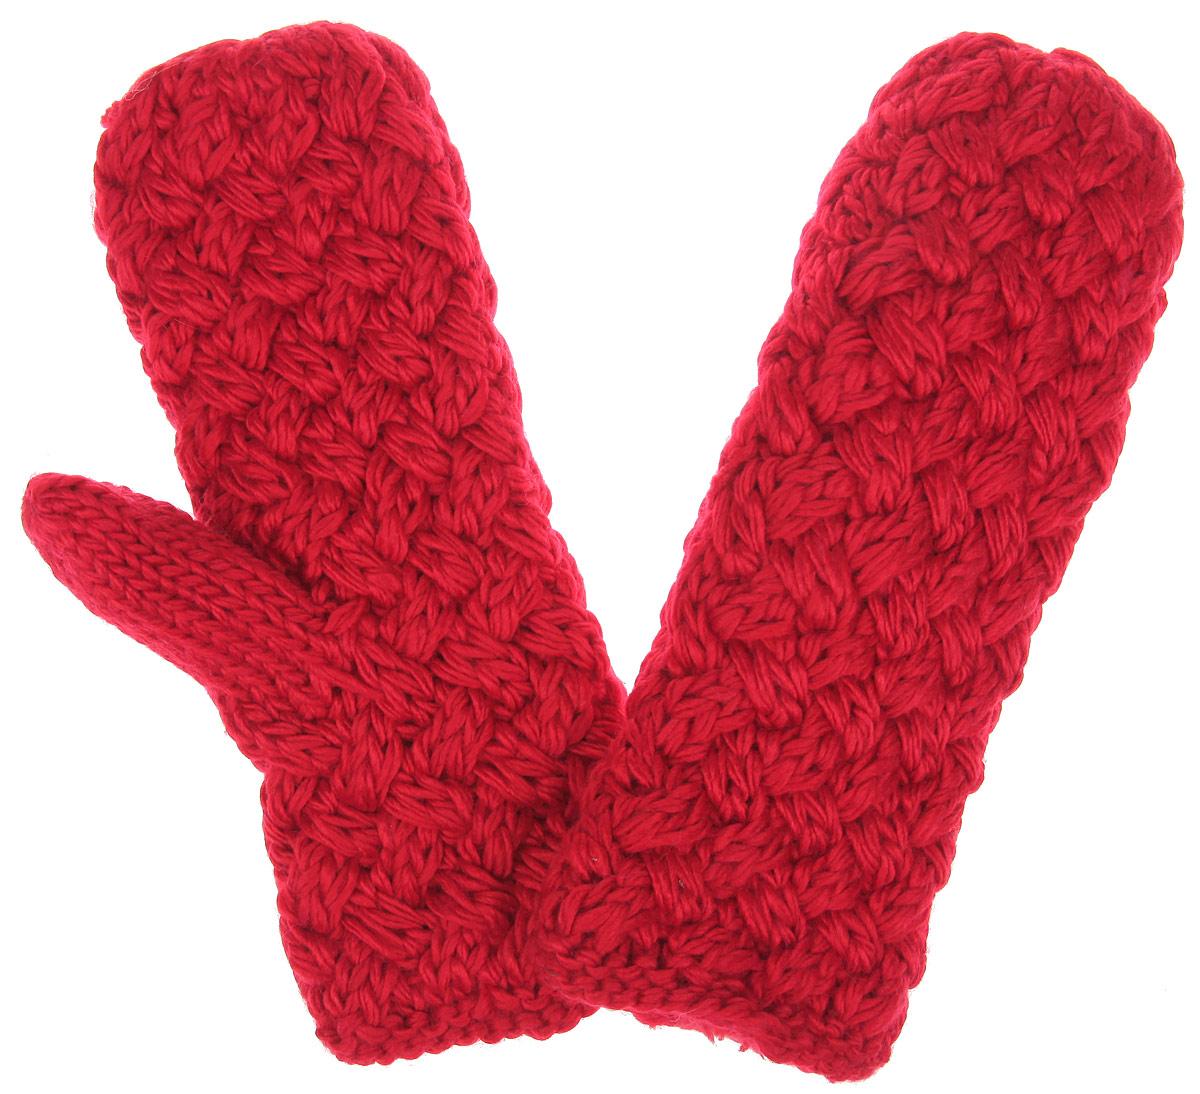 Варежки. 81858185Теплые вязаные варежки R.Mountain - идеальный аксессуар для зимних холодов, внутри имеют мягчайшую плюшевую подкладку, для вашего комфорта и удобной носки. Мягкий цвет, а также крупная вязка придает образу неотразимый вид, а приятный на ощупь шерстяной материал дарит ощущение тепла и комфорта. Одна из варежек оформлена не большим деревянным элементом в виде логотипа бренда. Сочетать этот аксессуар можно с любыми цветами гардероба.